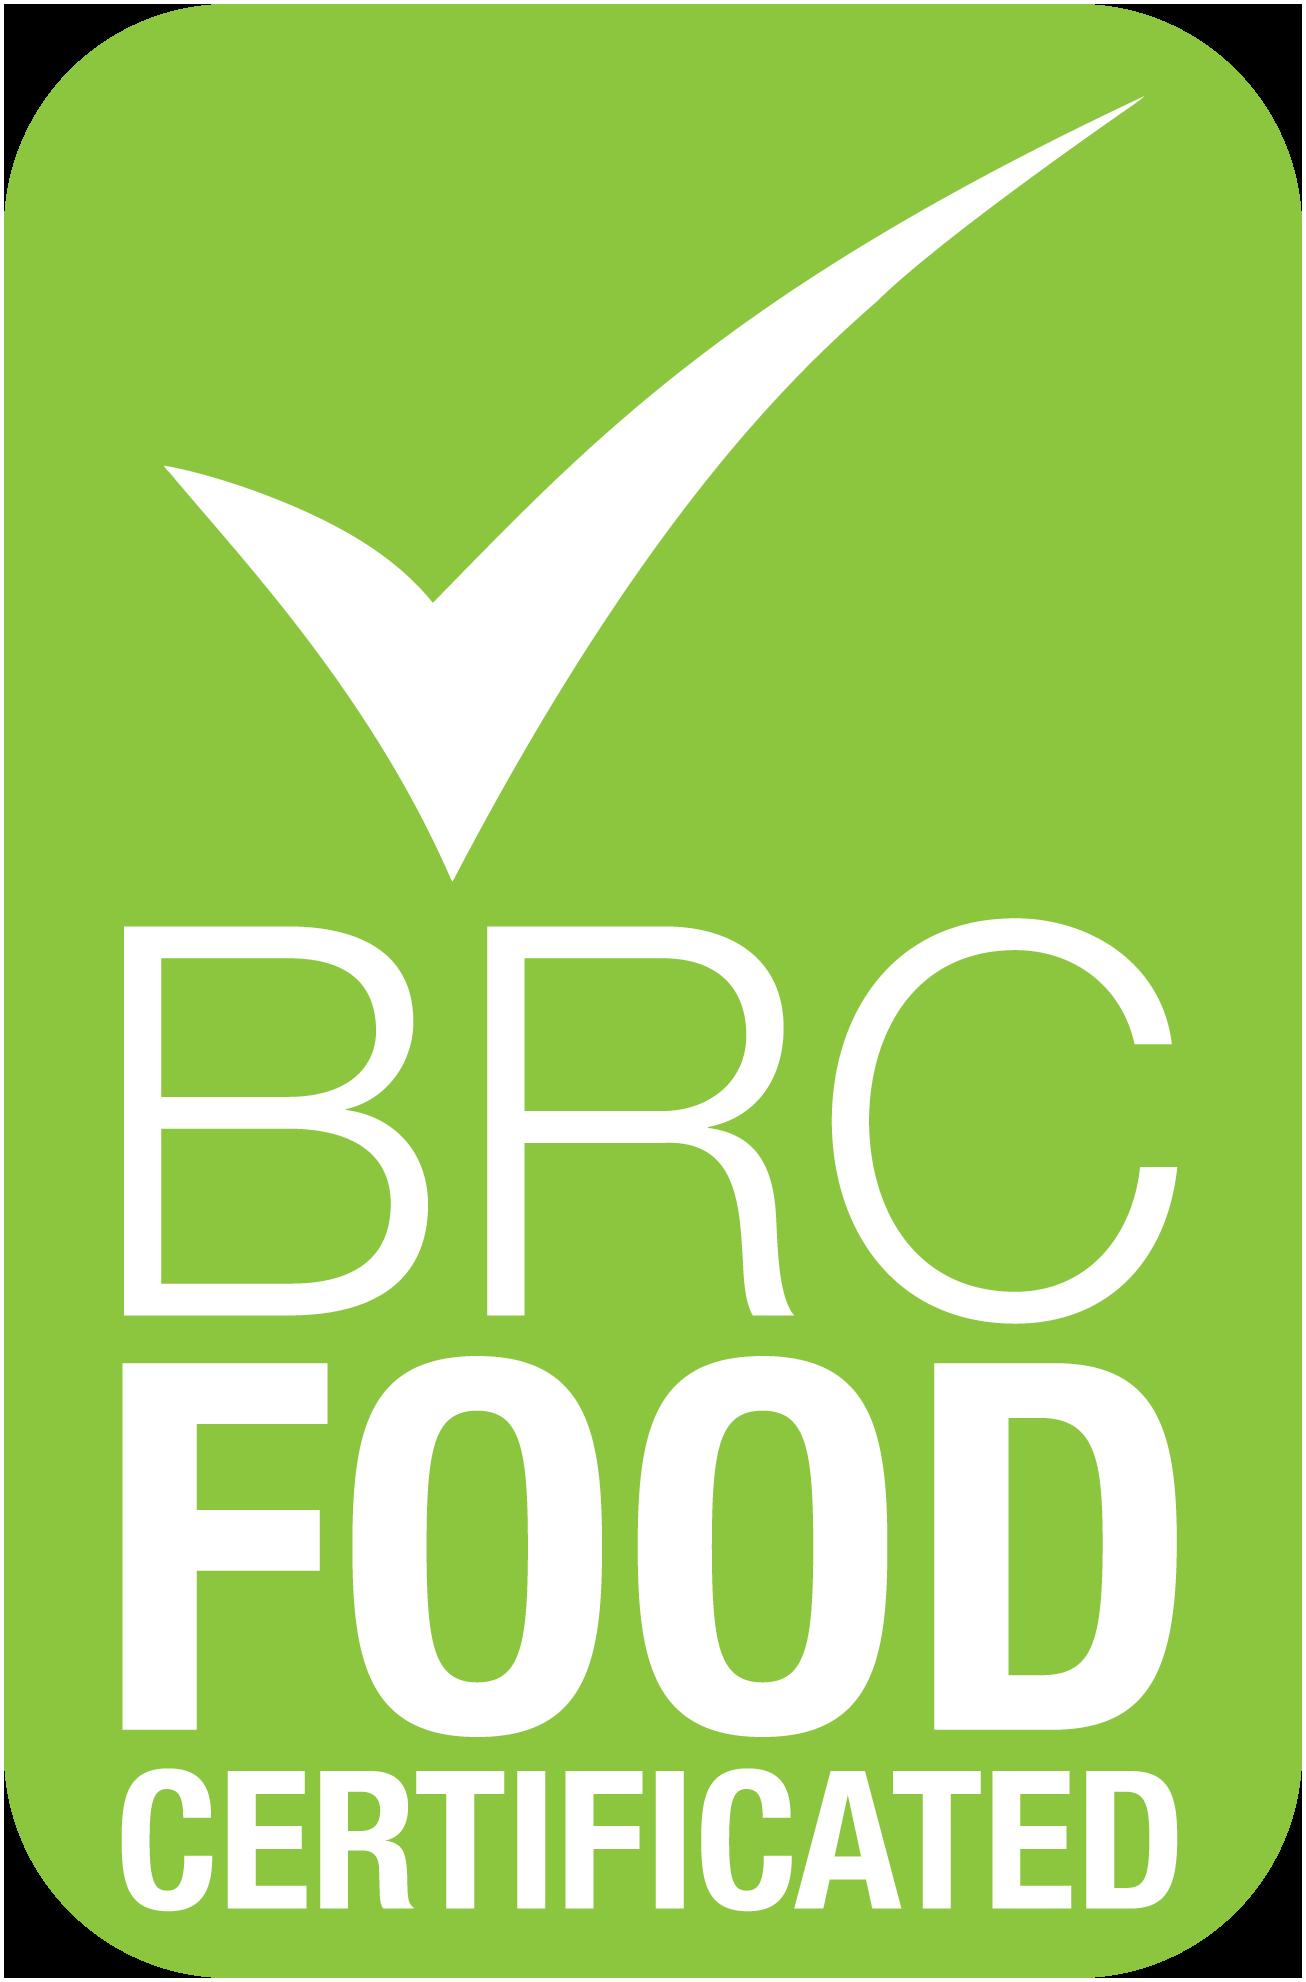 brc-logo-vector